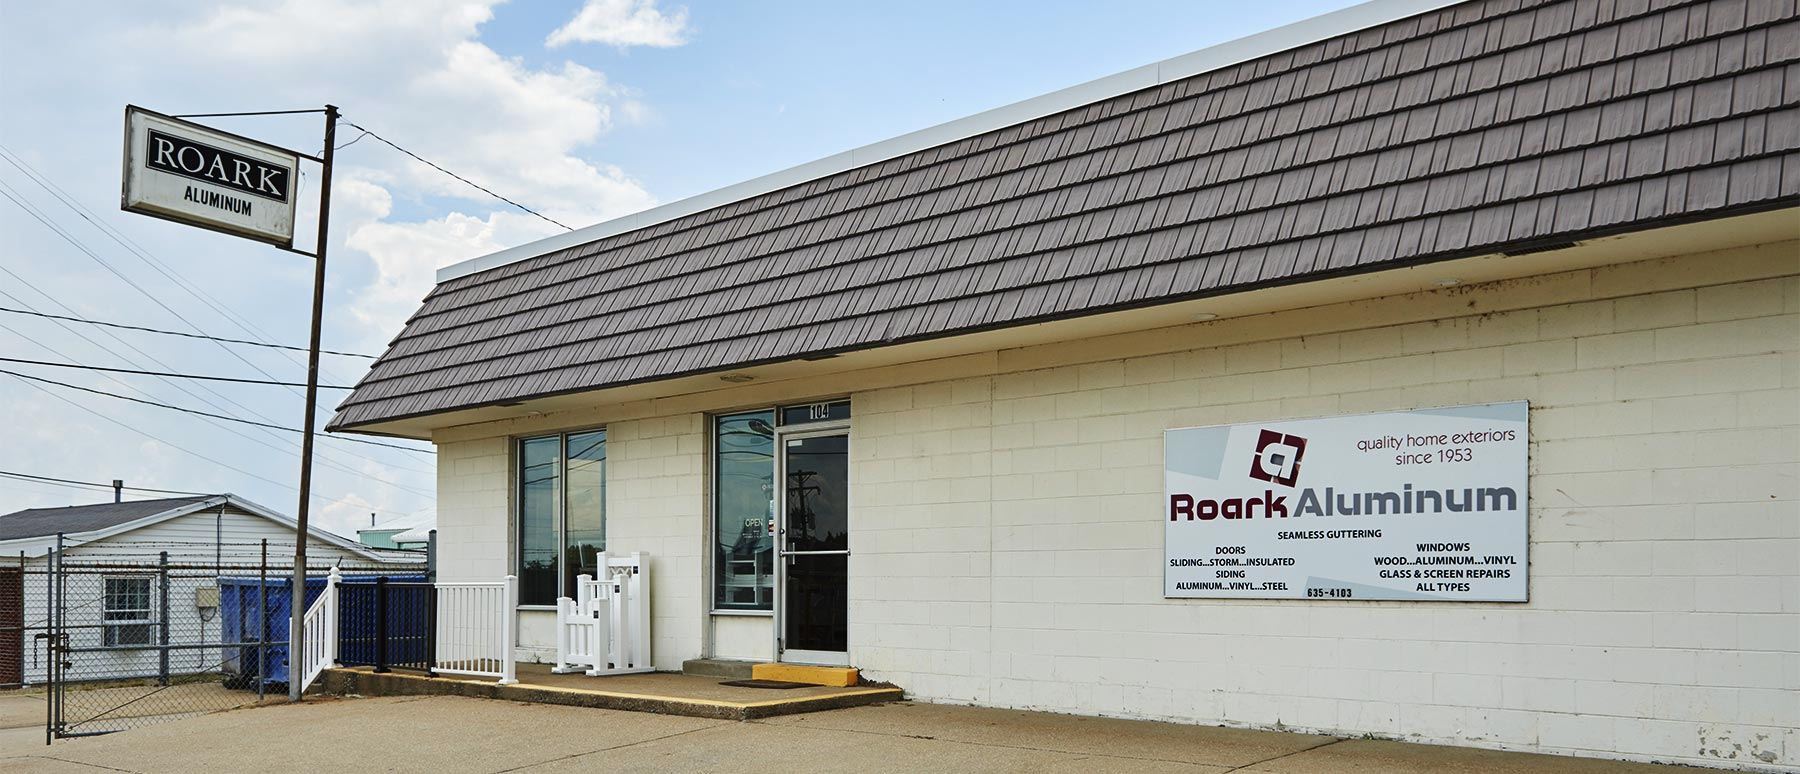 Roark Aluminum Building - Jefferson City